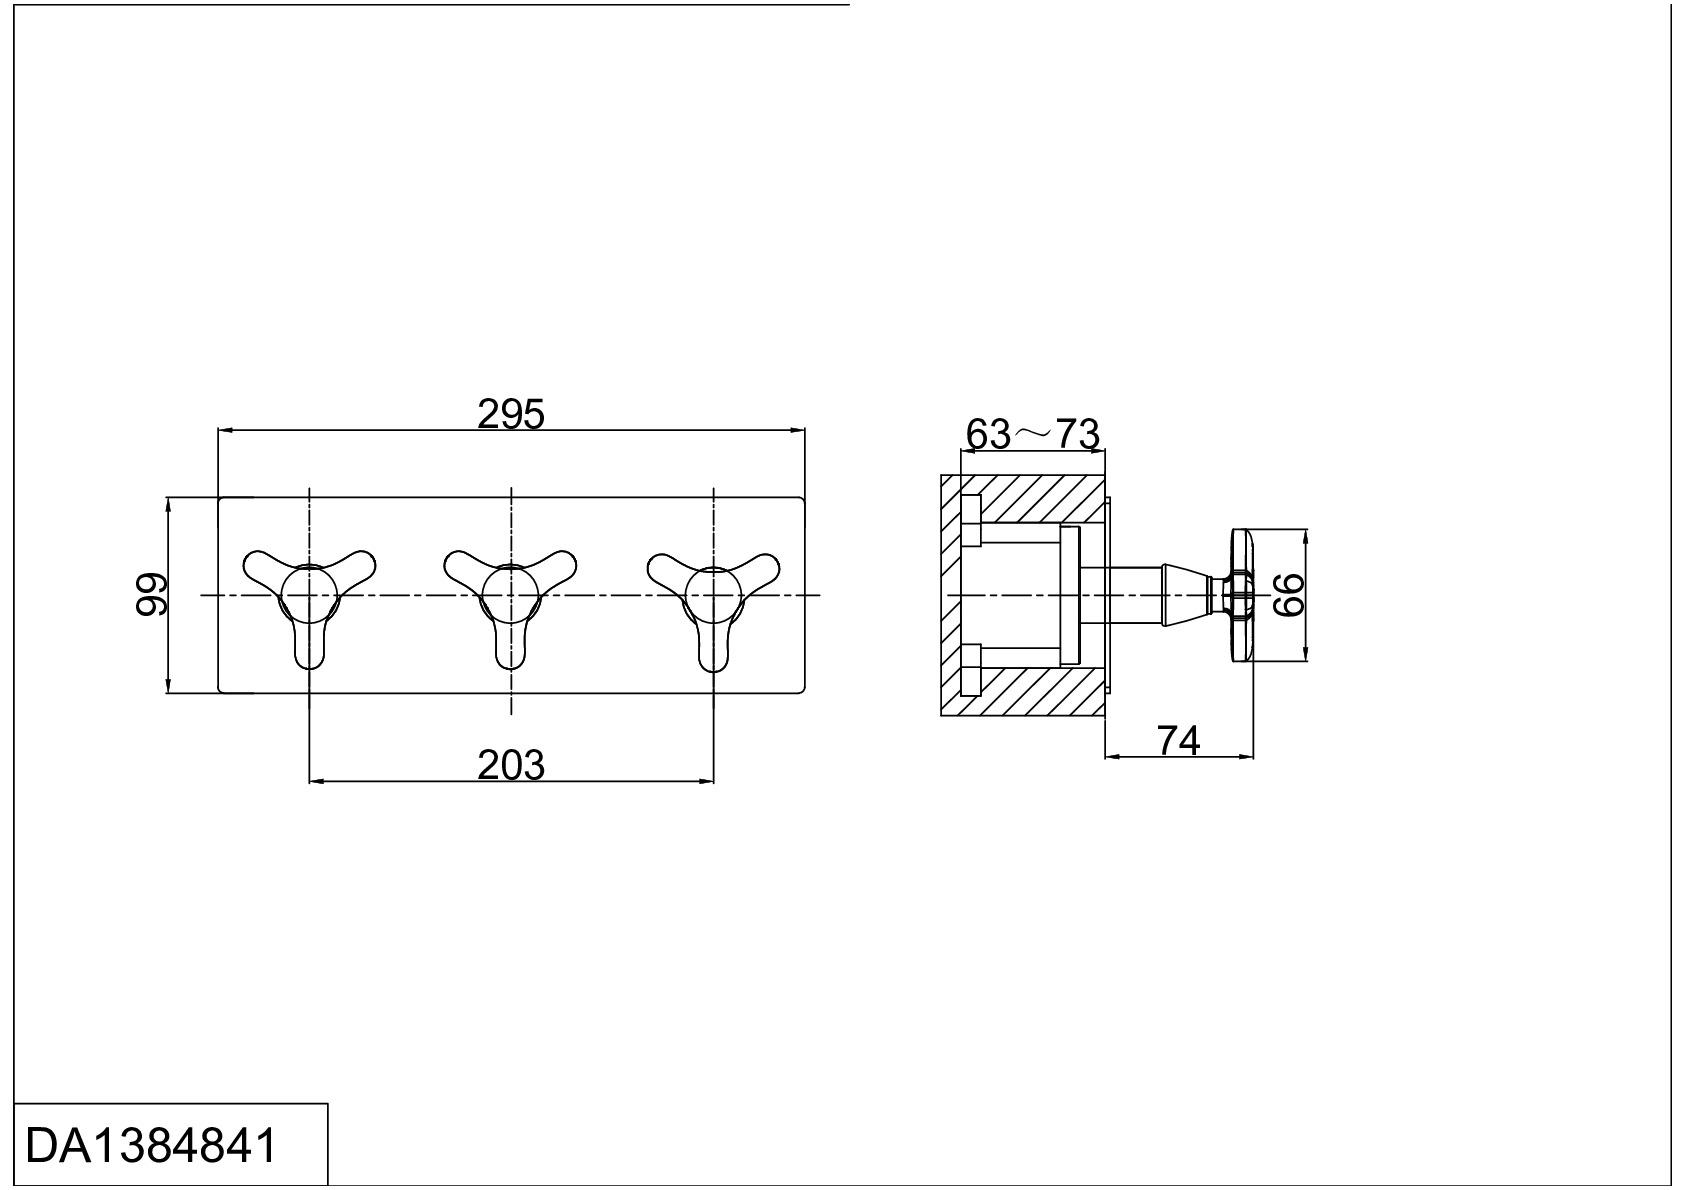 Смеситель для ванны и душа D&K Hessen.Goethe DA1384841 встраиваемый хром